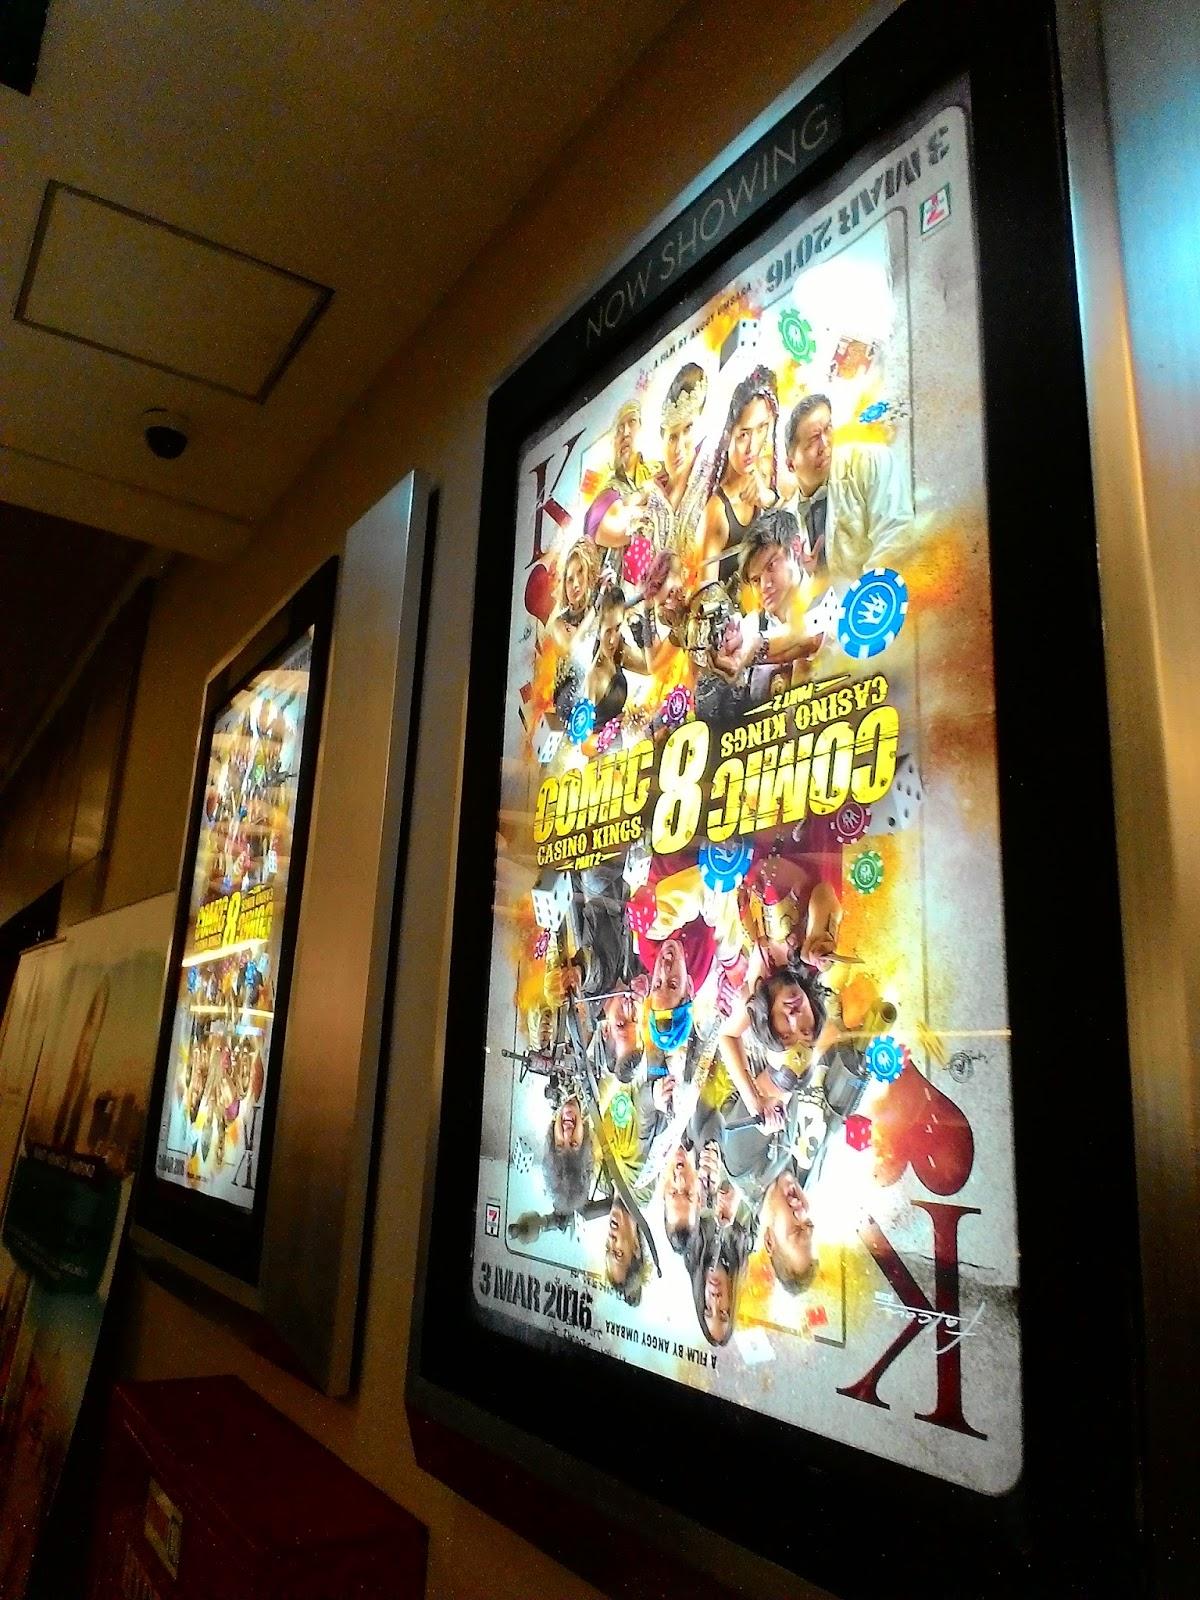 Nonton Online Comic 8 Casino Kings Part 2 Full Movie : nonton, online, comic, casino, kings, movie, Review:, Comic, Casino, Kings